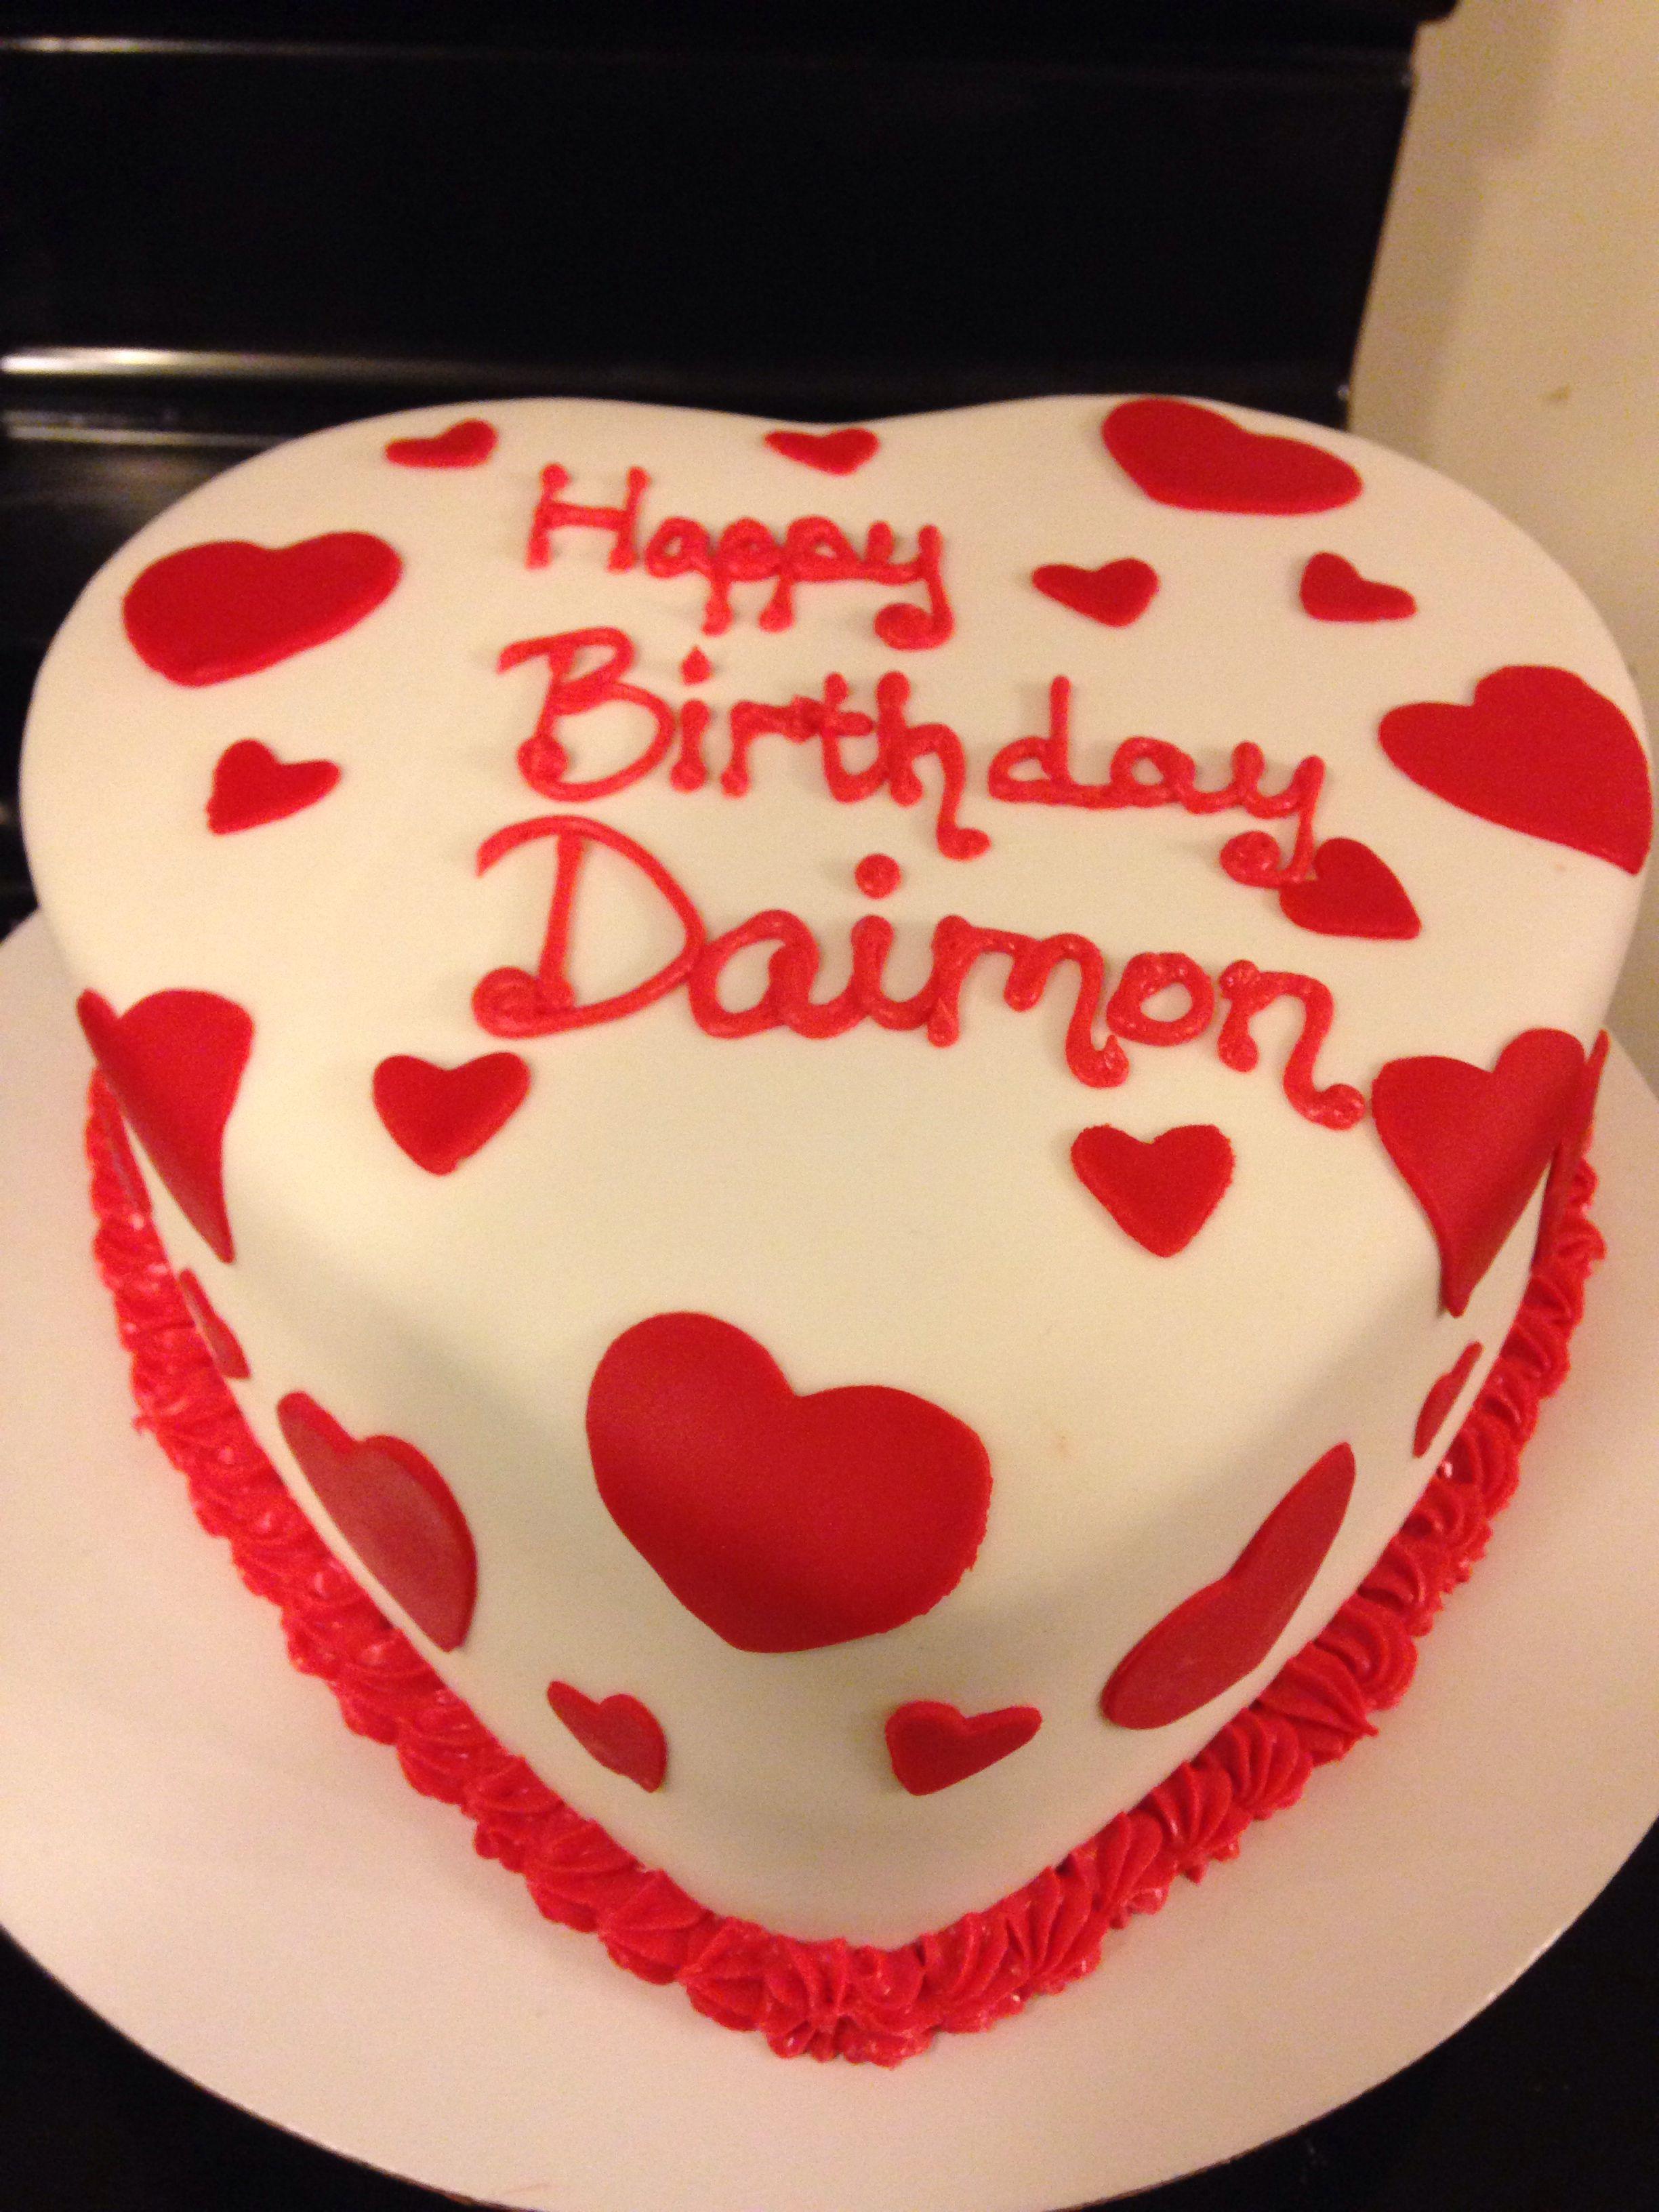 Love Shape Cake Images : Heart Shaped Love Birthday Cake Our Custom Cakes Pinterest